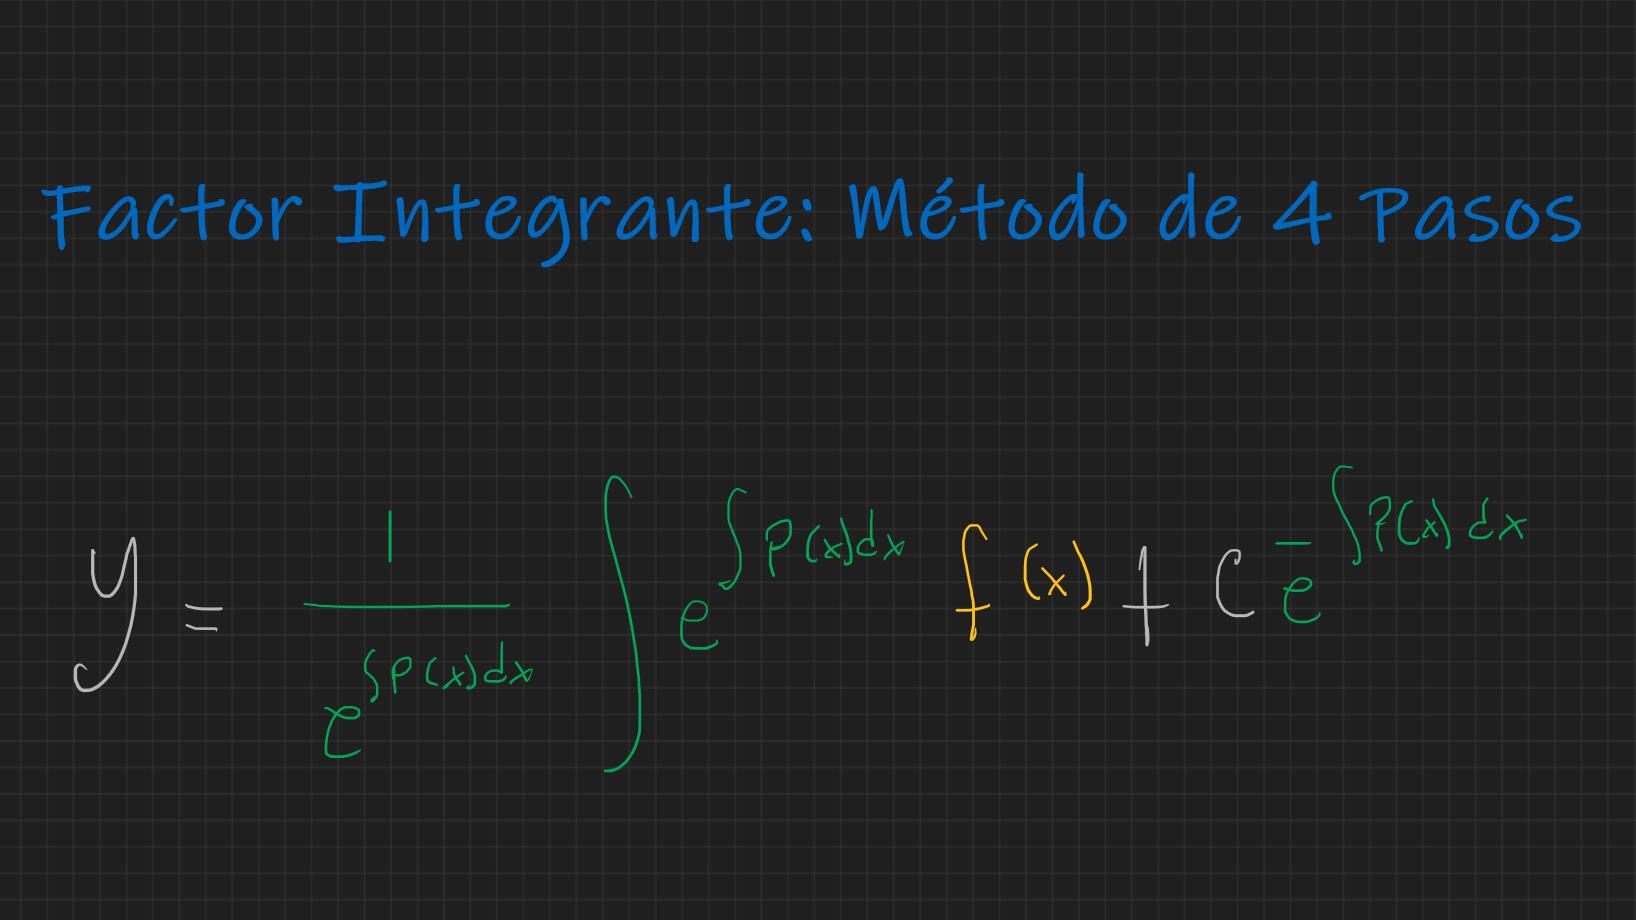 Metodo 15 pasos   Factor Integrante Resolviendo Ecuaciones ...